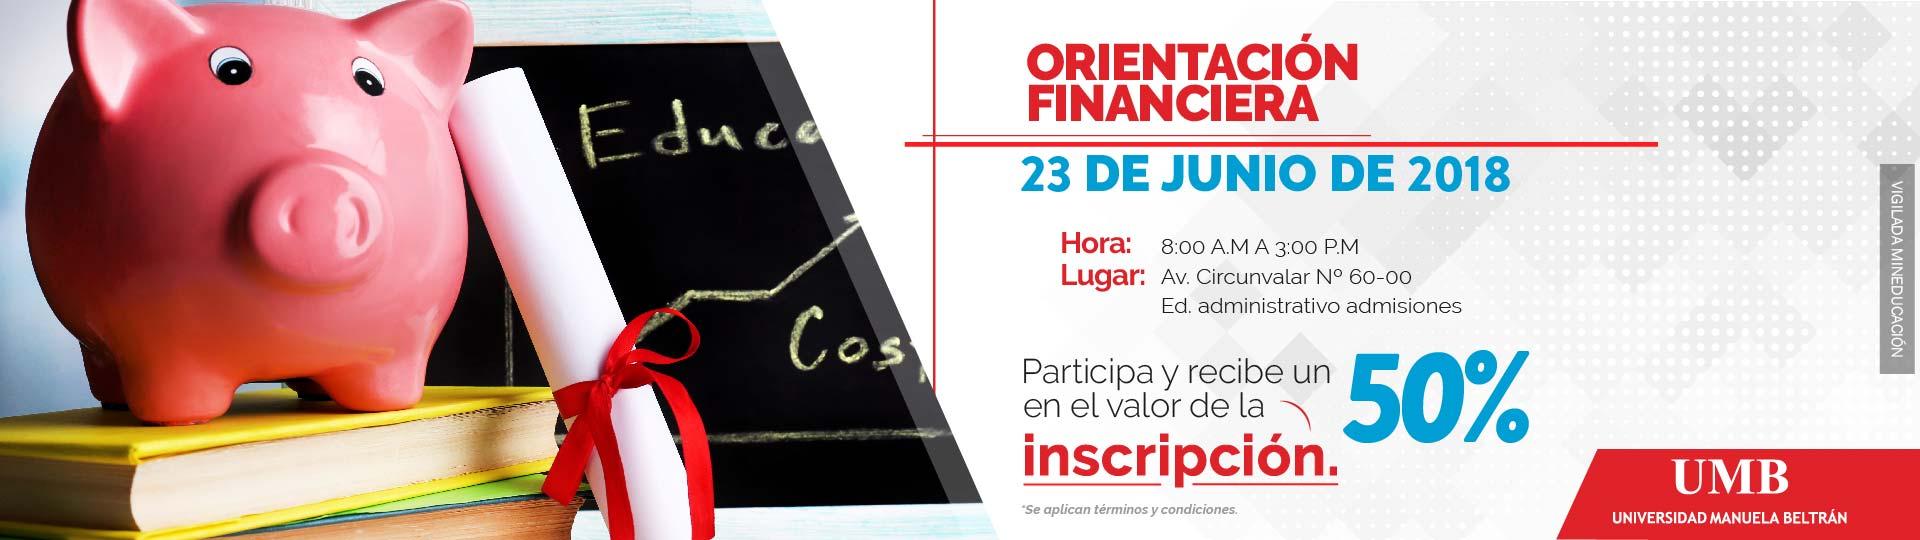 Banner_orientacion_financiera_clic_aqui2_ticket_mesa_de_trabajo_1